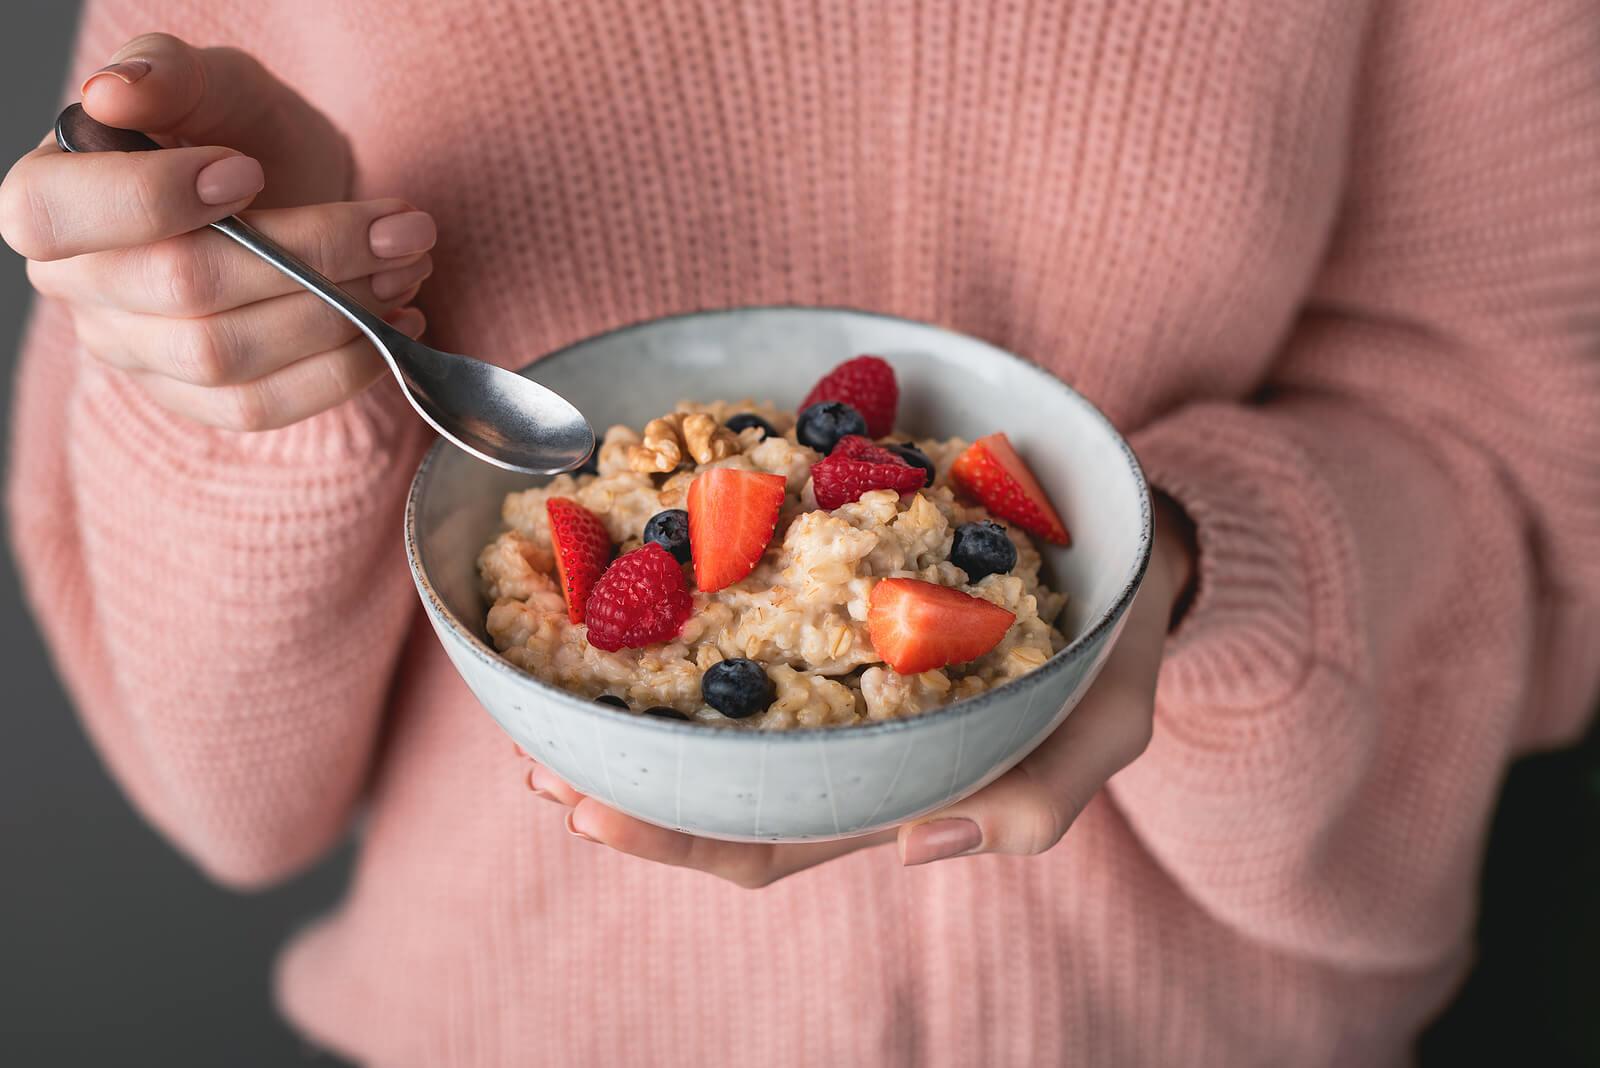 Mujer tomando un desayuno saludable para prevenir la diabetes gestacional.